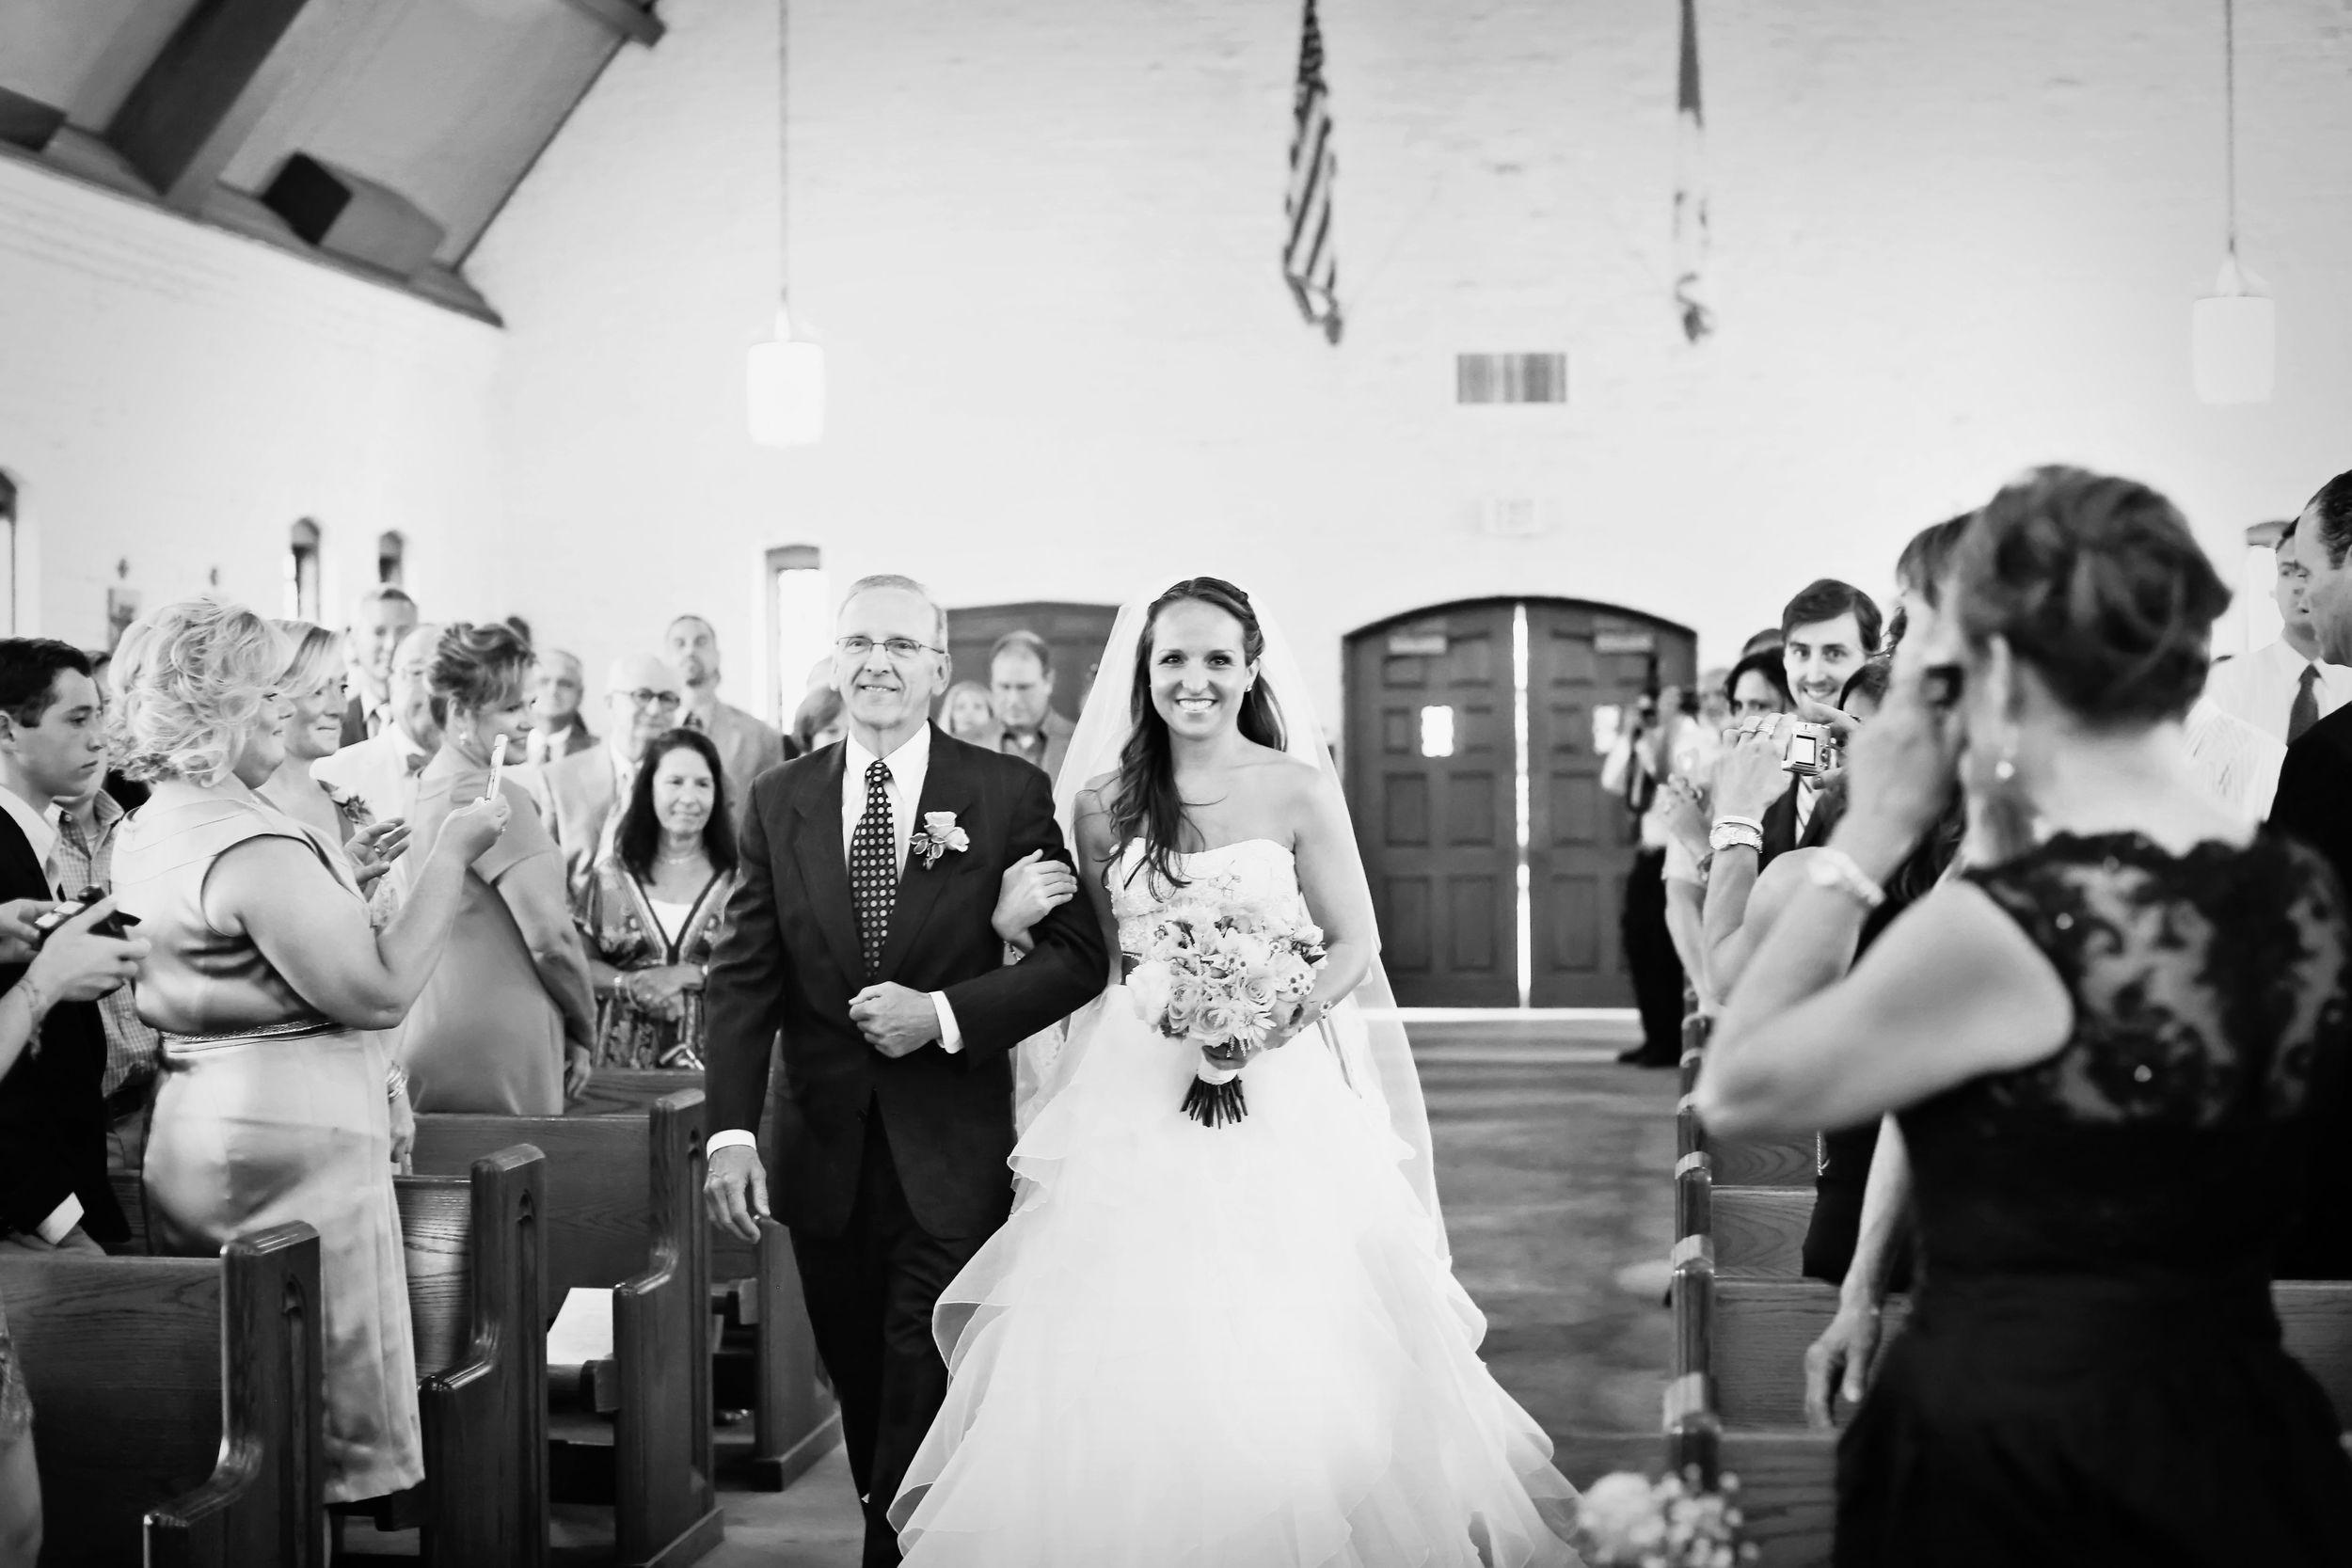 Milford Yacht Club Wedding Fairfield County Wedding Amy Champagne Events06.jpg